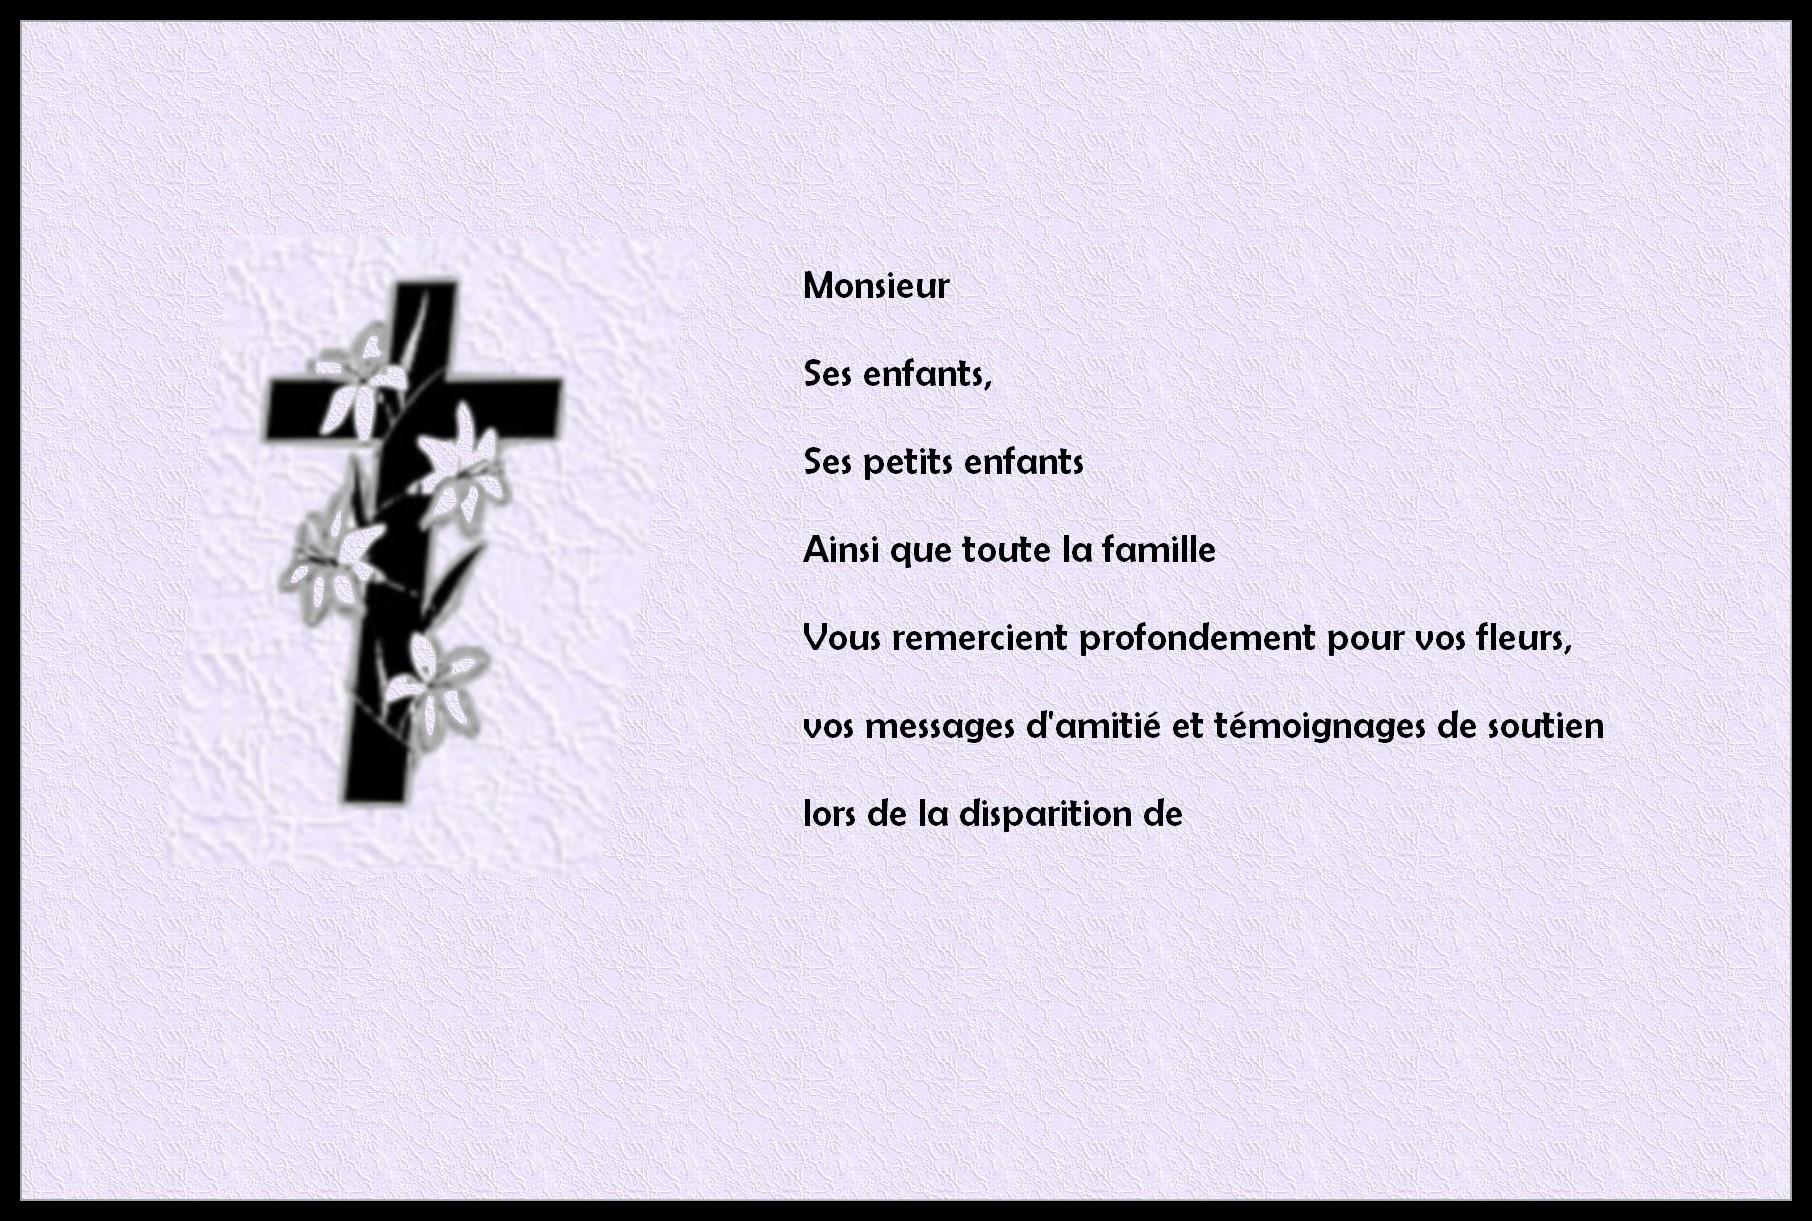 Petit message de condoléances   Modèle de lettre